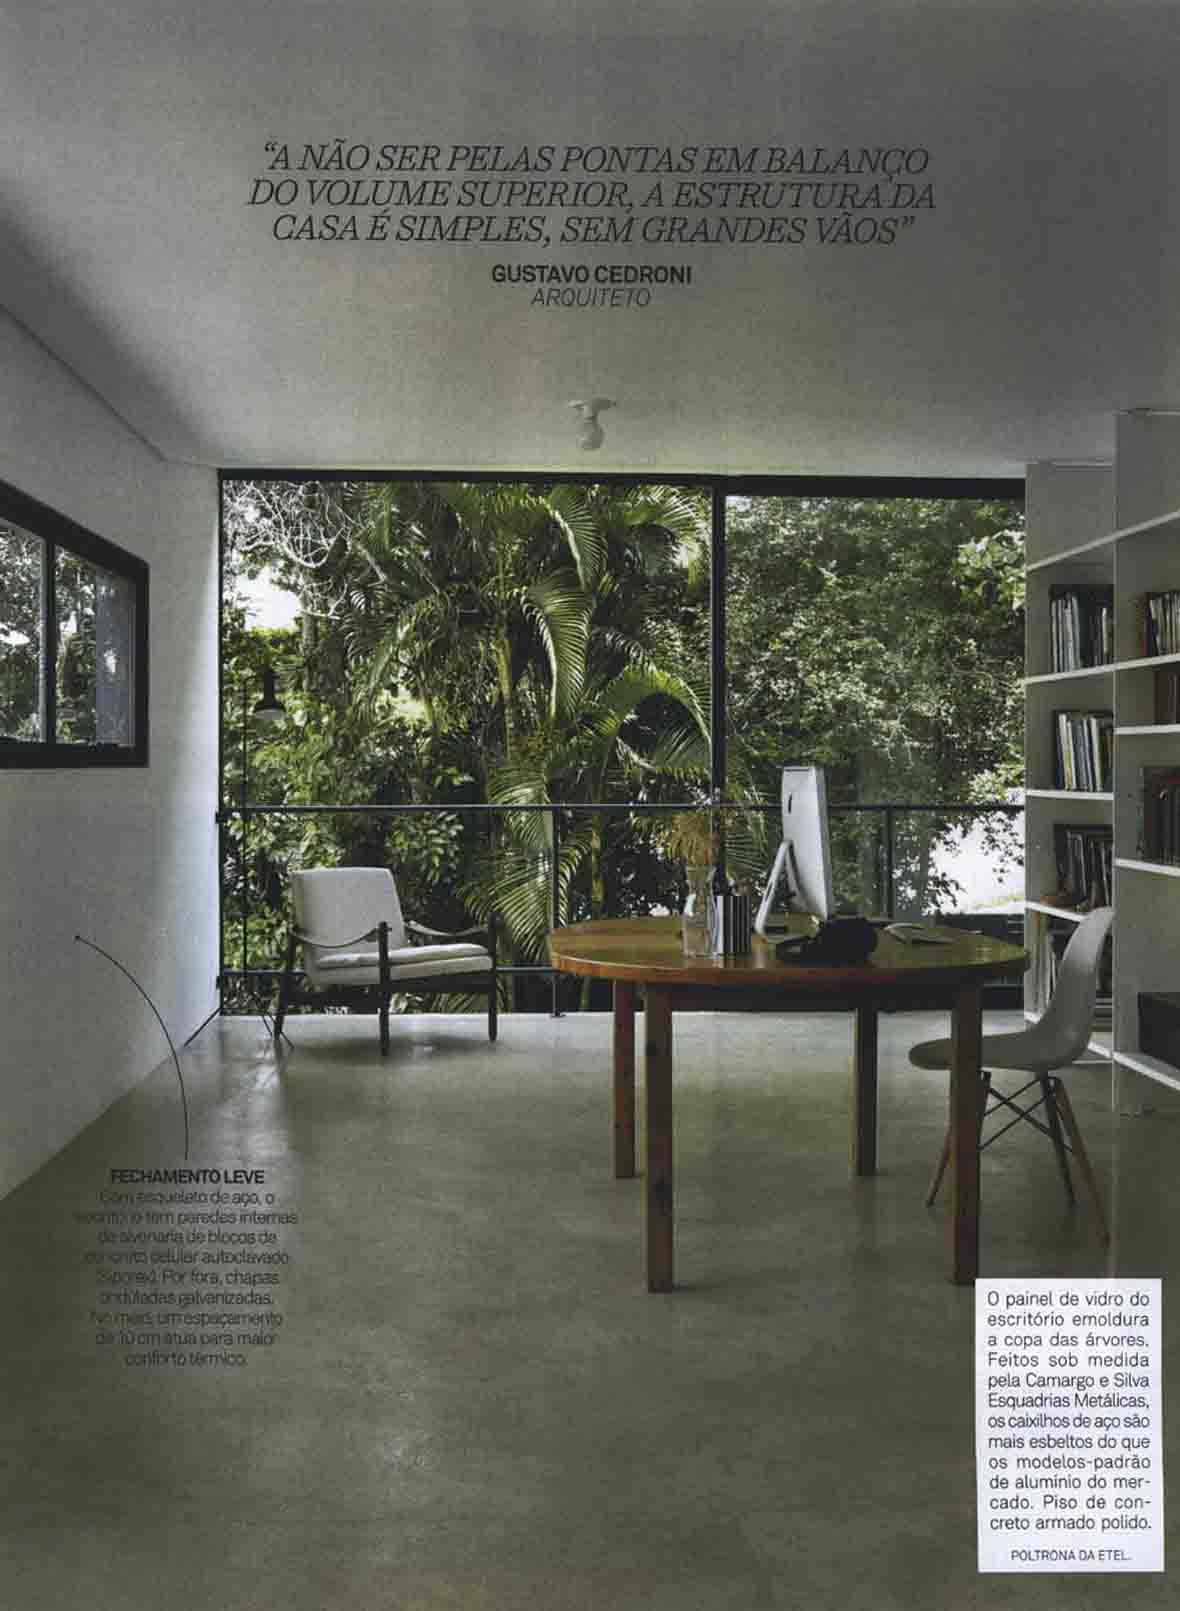 Poltrona Paulistano na revista Arquitetura e Contrução maio de 2015